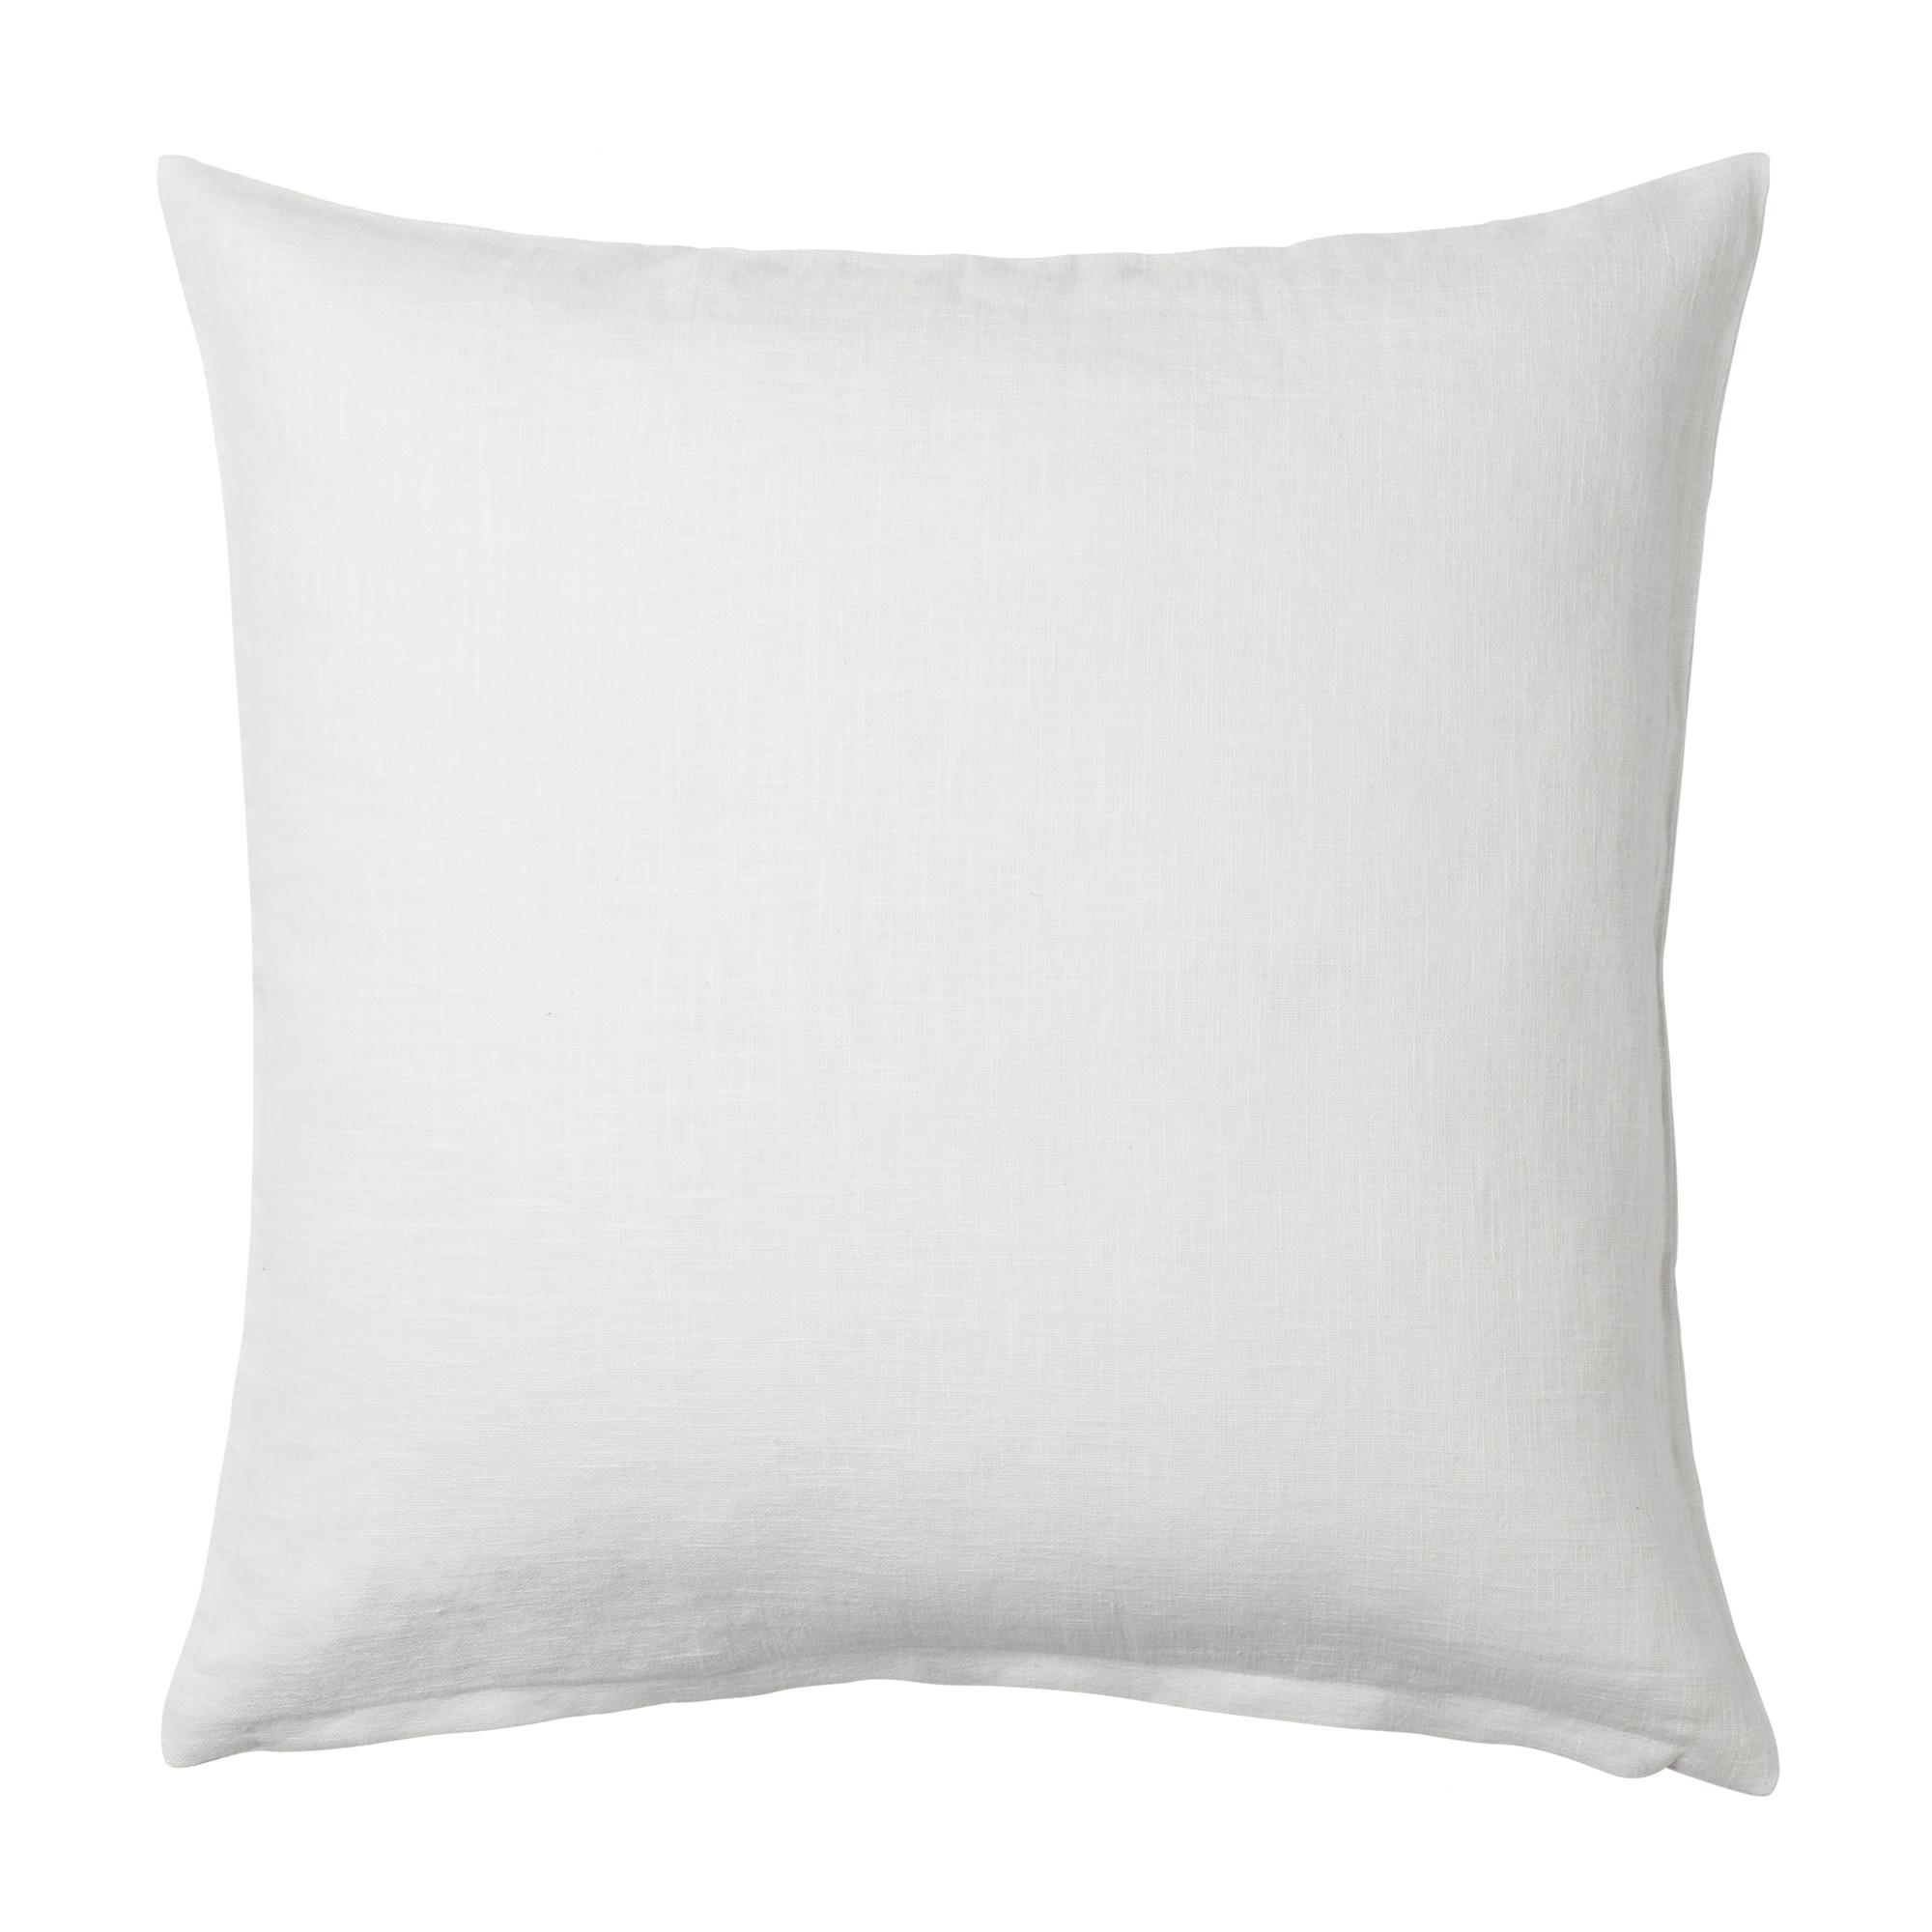 Чехол на подушку ВИГДИС белый артикуль № 703.698.91 в наличии. Online сайт IKEA Минск. Быстрая доставка и соборка.